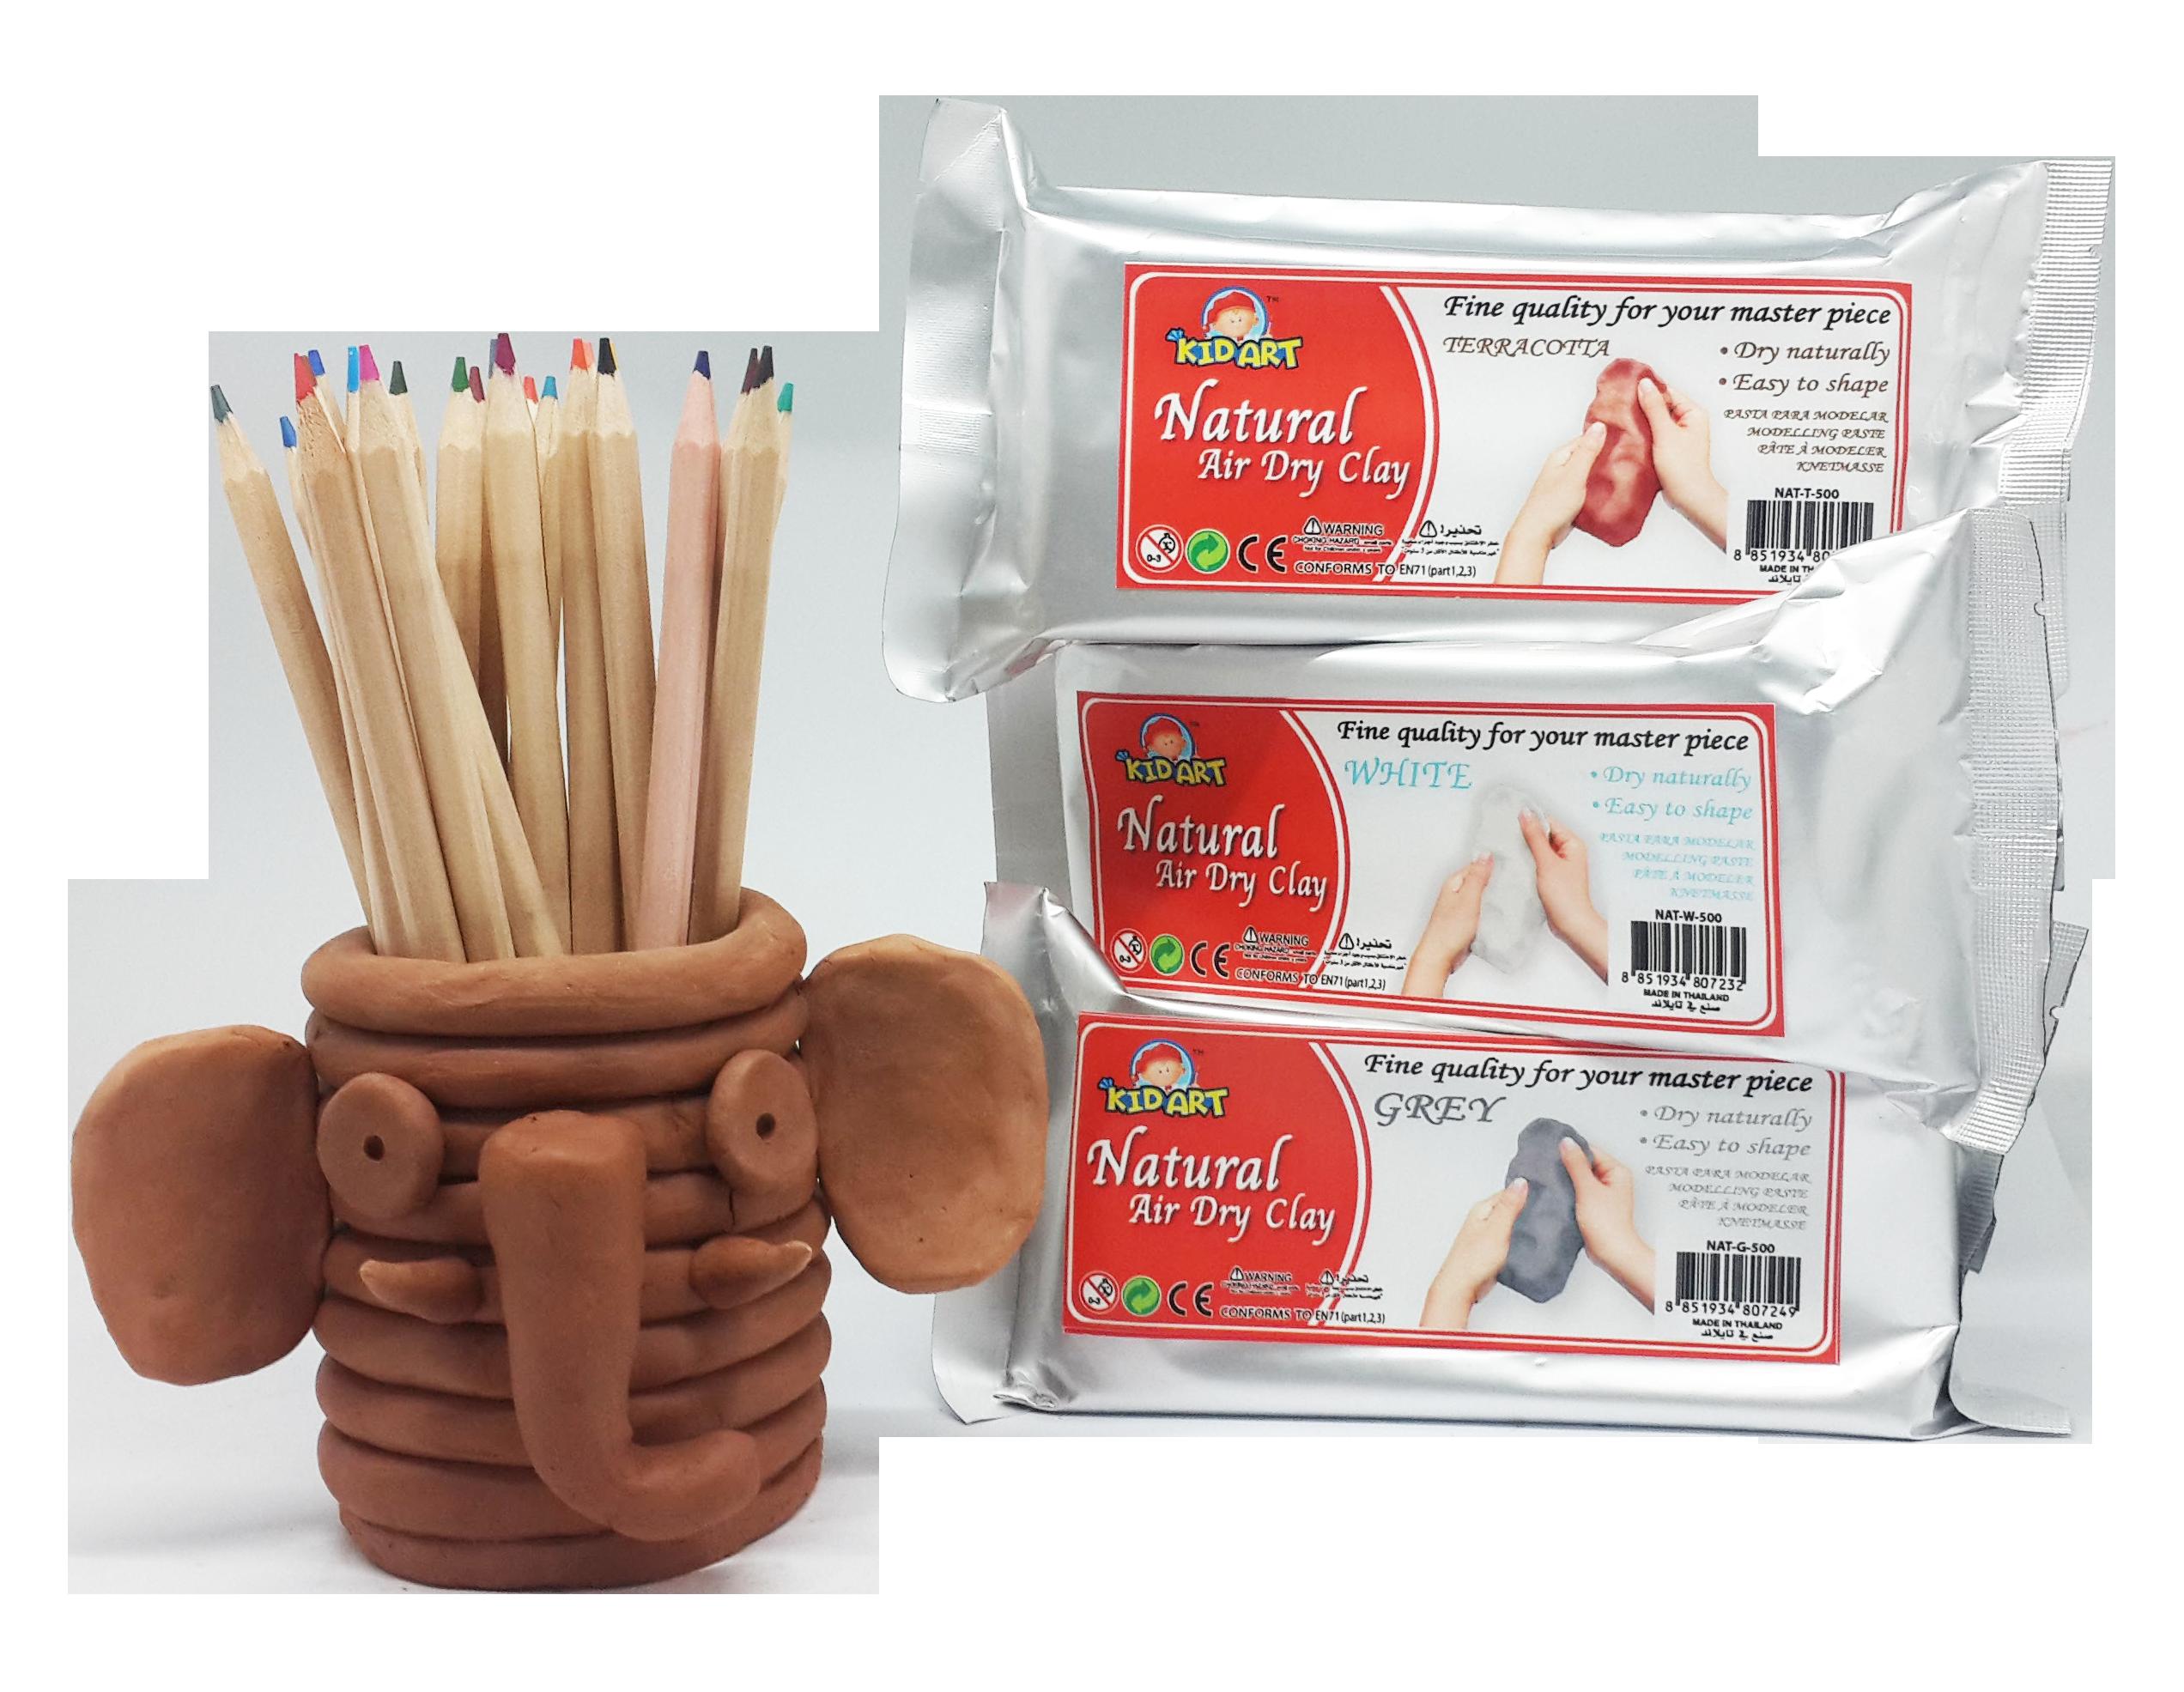 ดินธรรมชาติ (Natural Air Dry Clay)